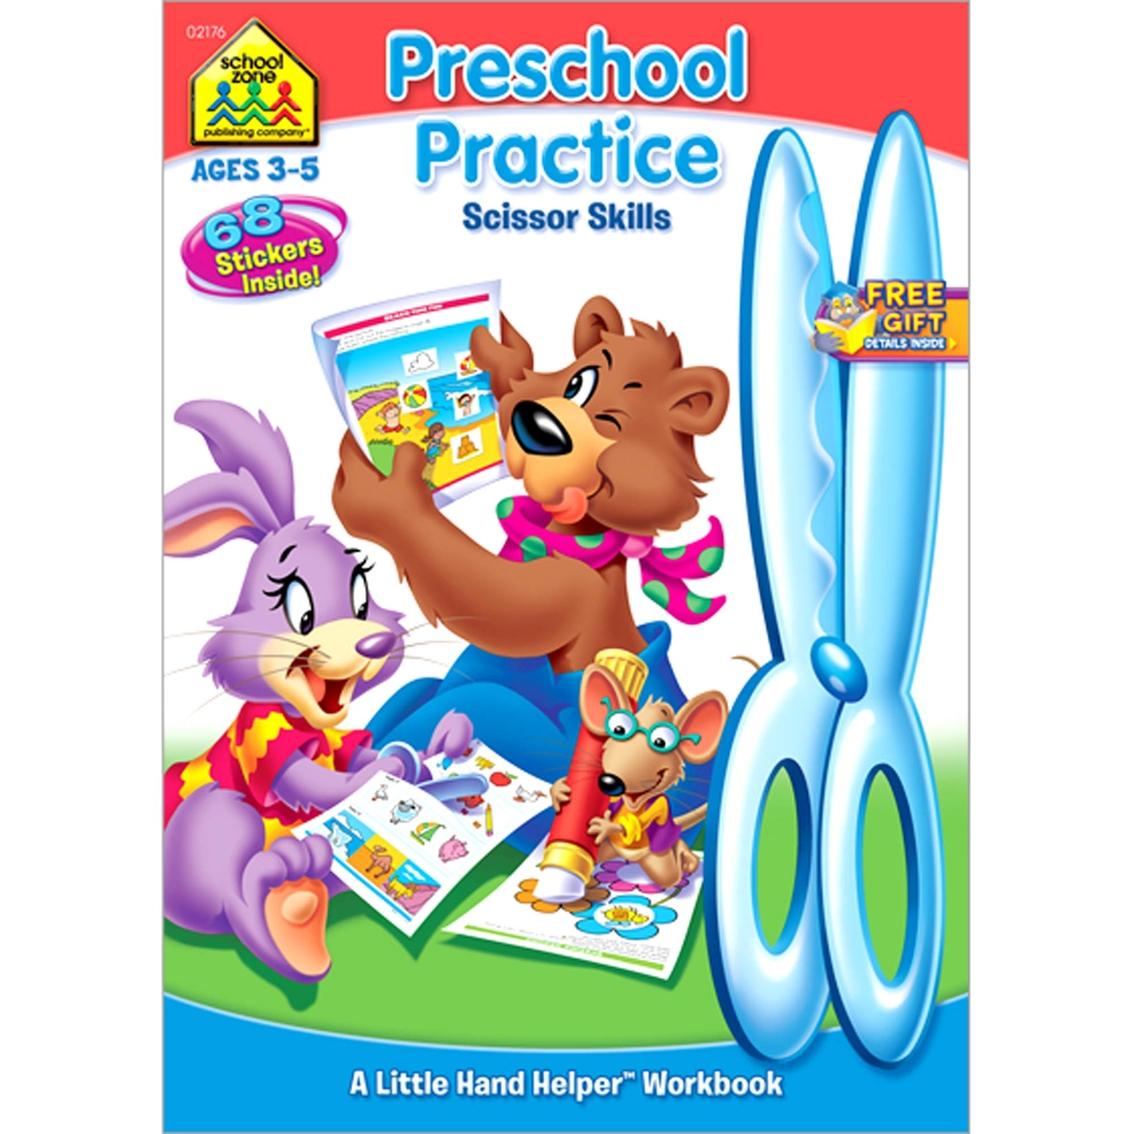 School Zone Preschool Practice Scissor Skills